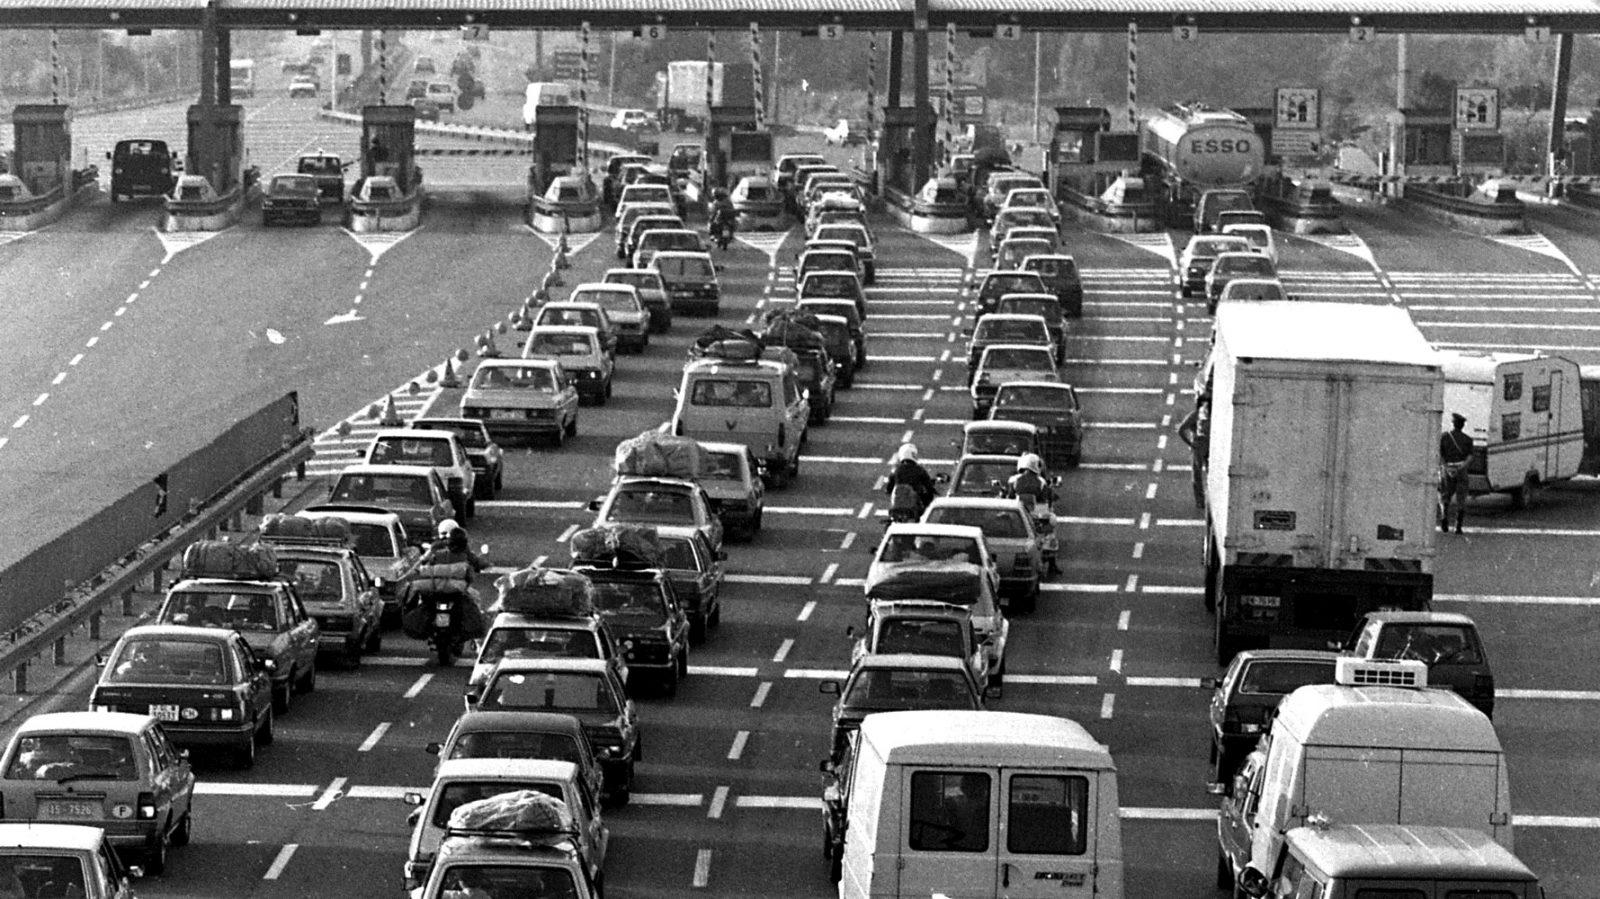 Code in corrispondenza di una barriera autostradale negli anni '80 (fonte: Ansa, La strada racconta, 2018)